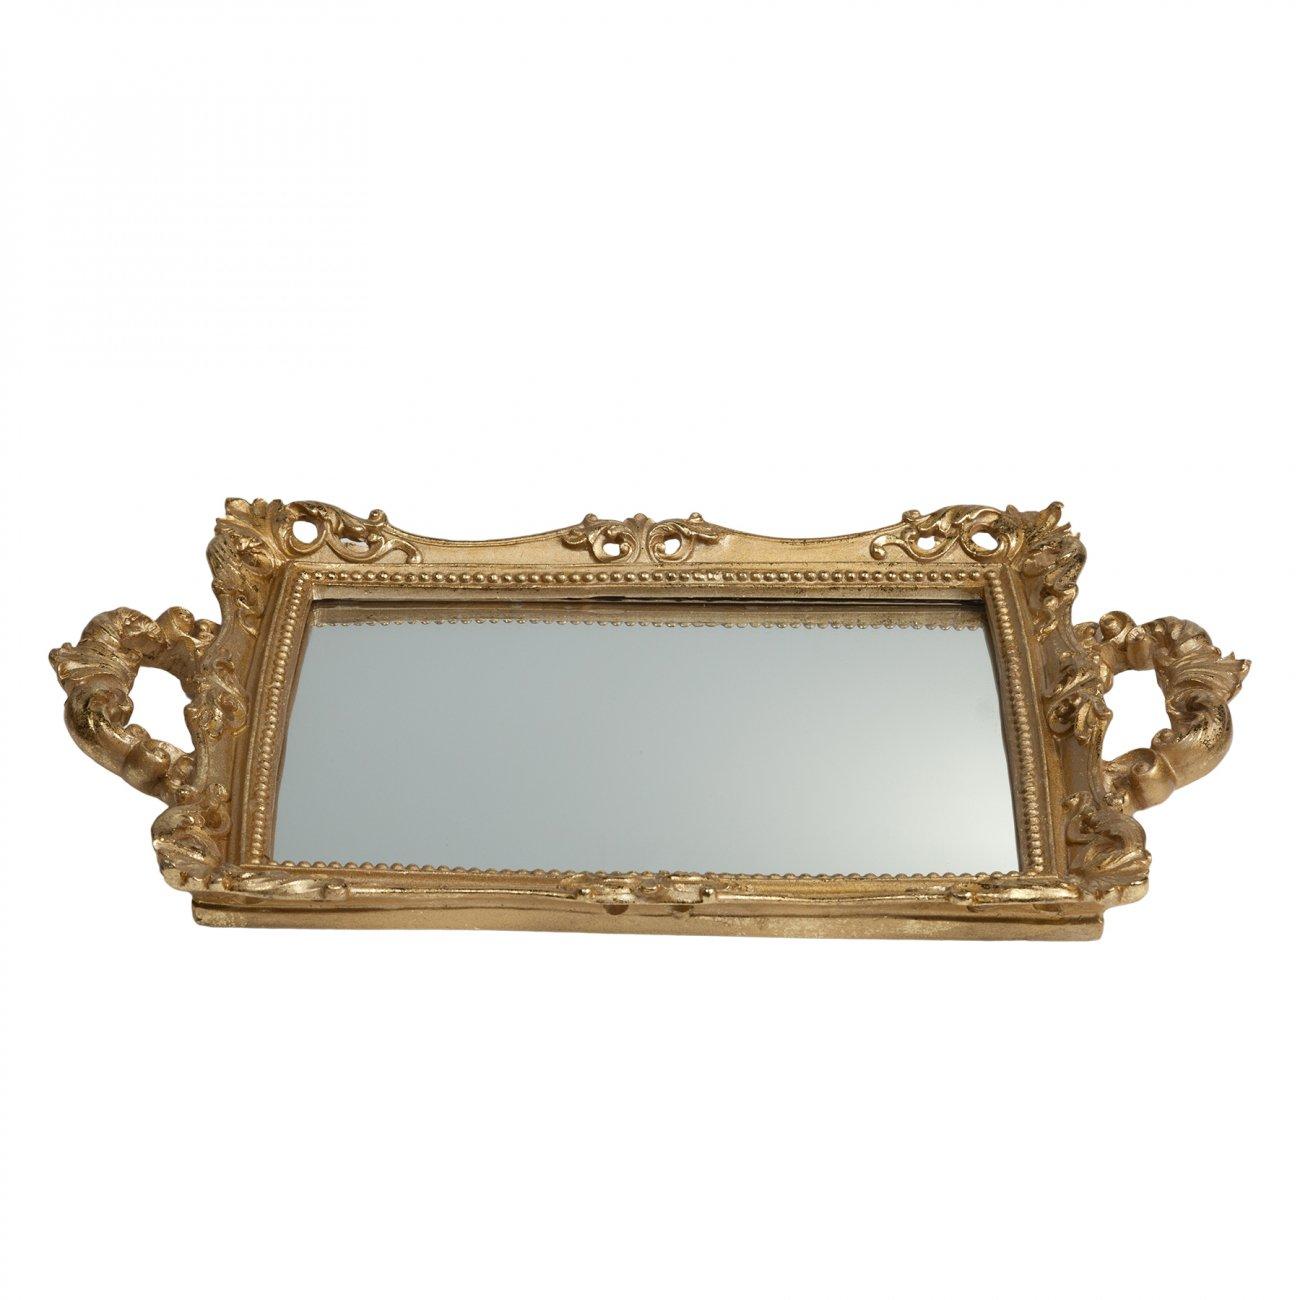 Купить Зеркальный поднос Ashland Прямоугольный в интернет магазине дизайнерской мебели и аксессуаров для дома и дачи